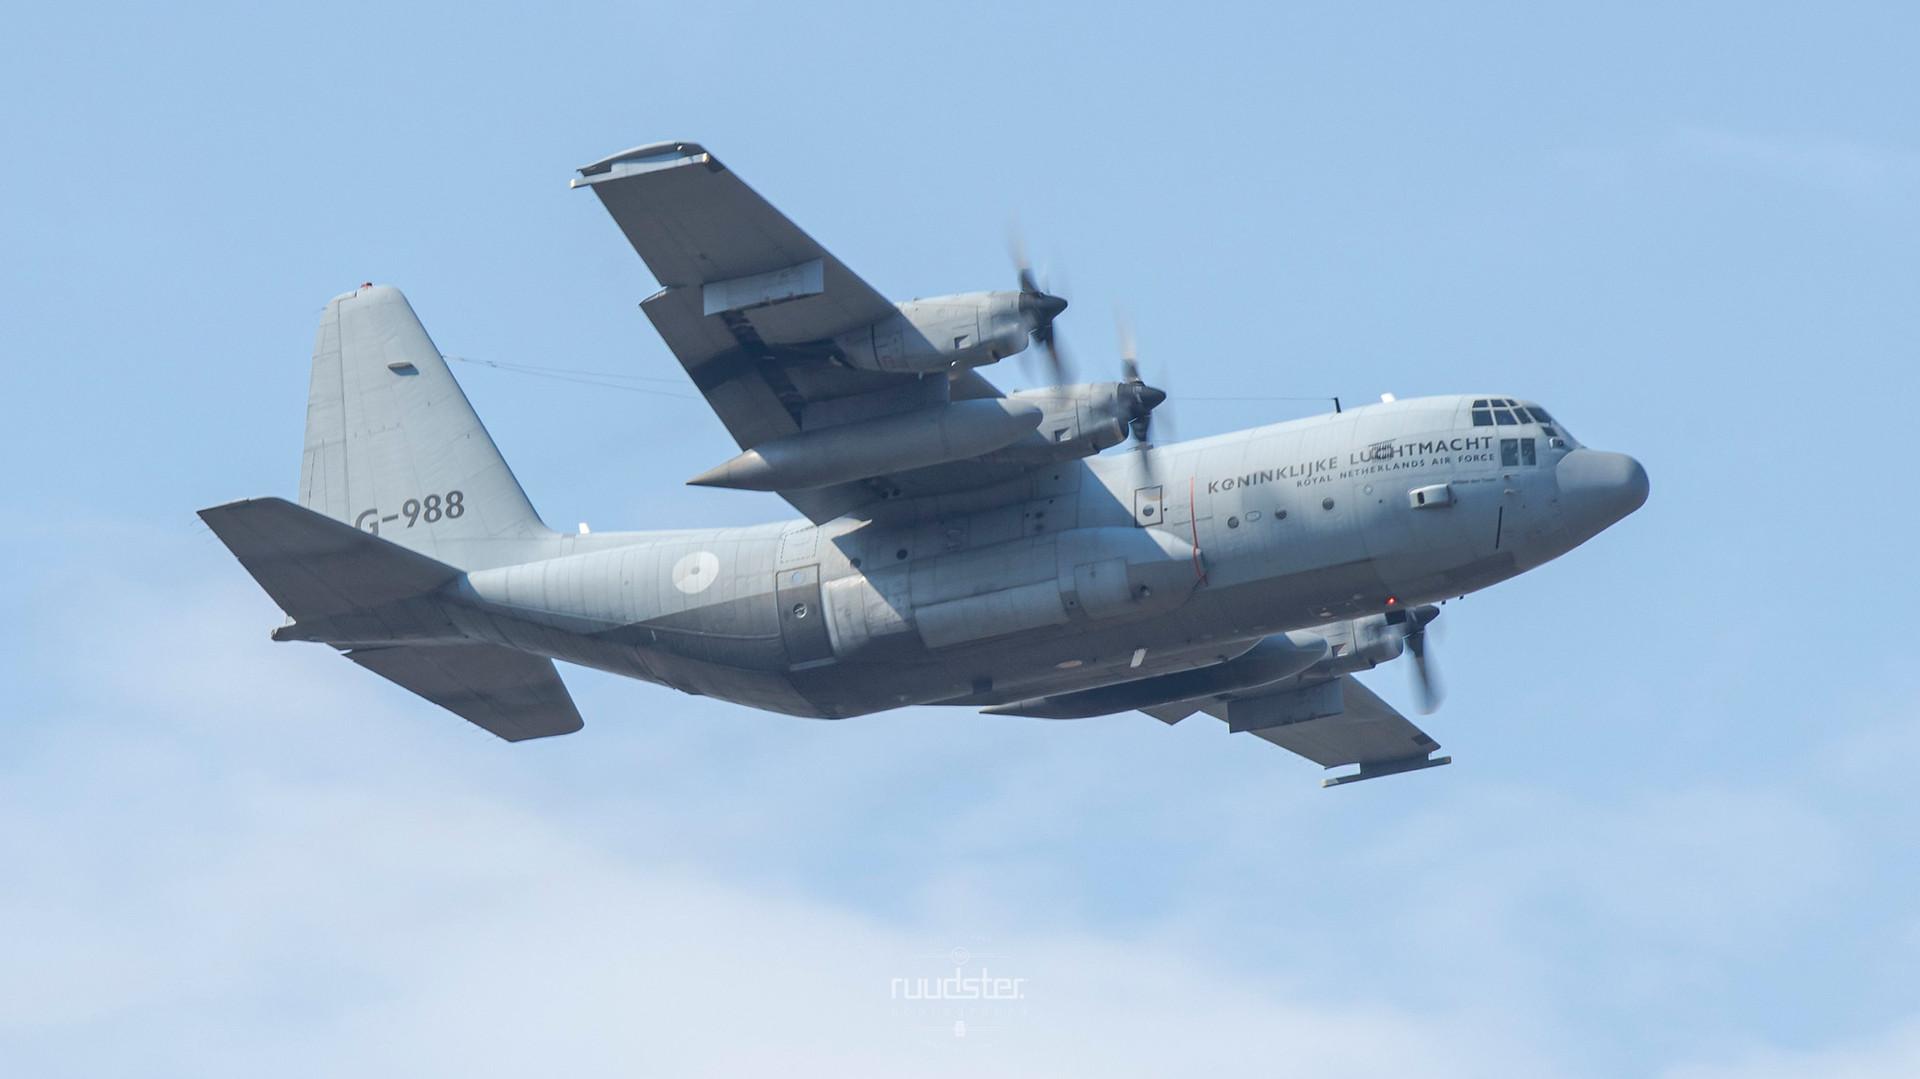 1984   G-988   Lockheed C-130H Hercules